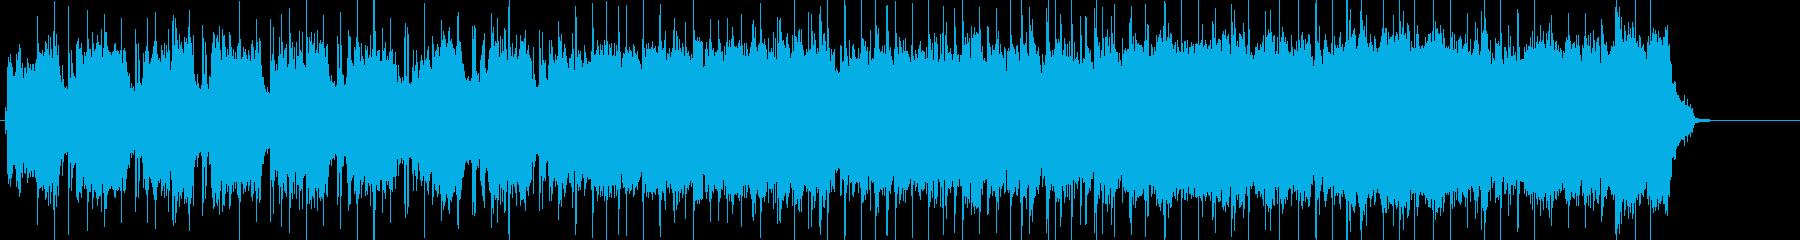 情熱を感じる躍動的なワイルドロックの再生済みの波形